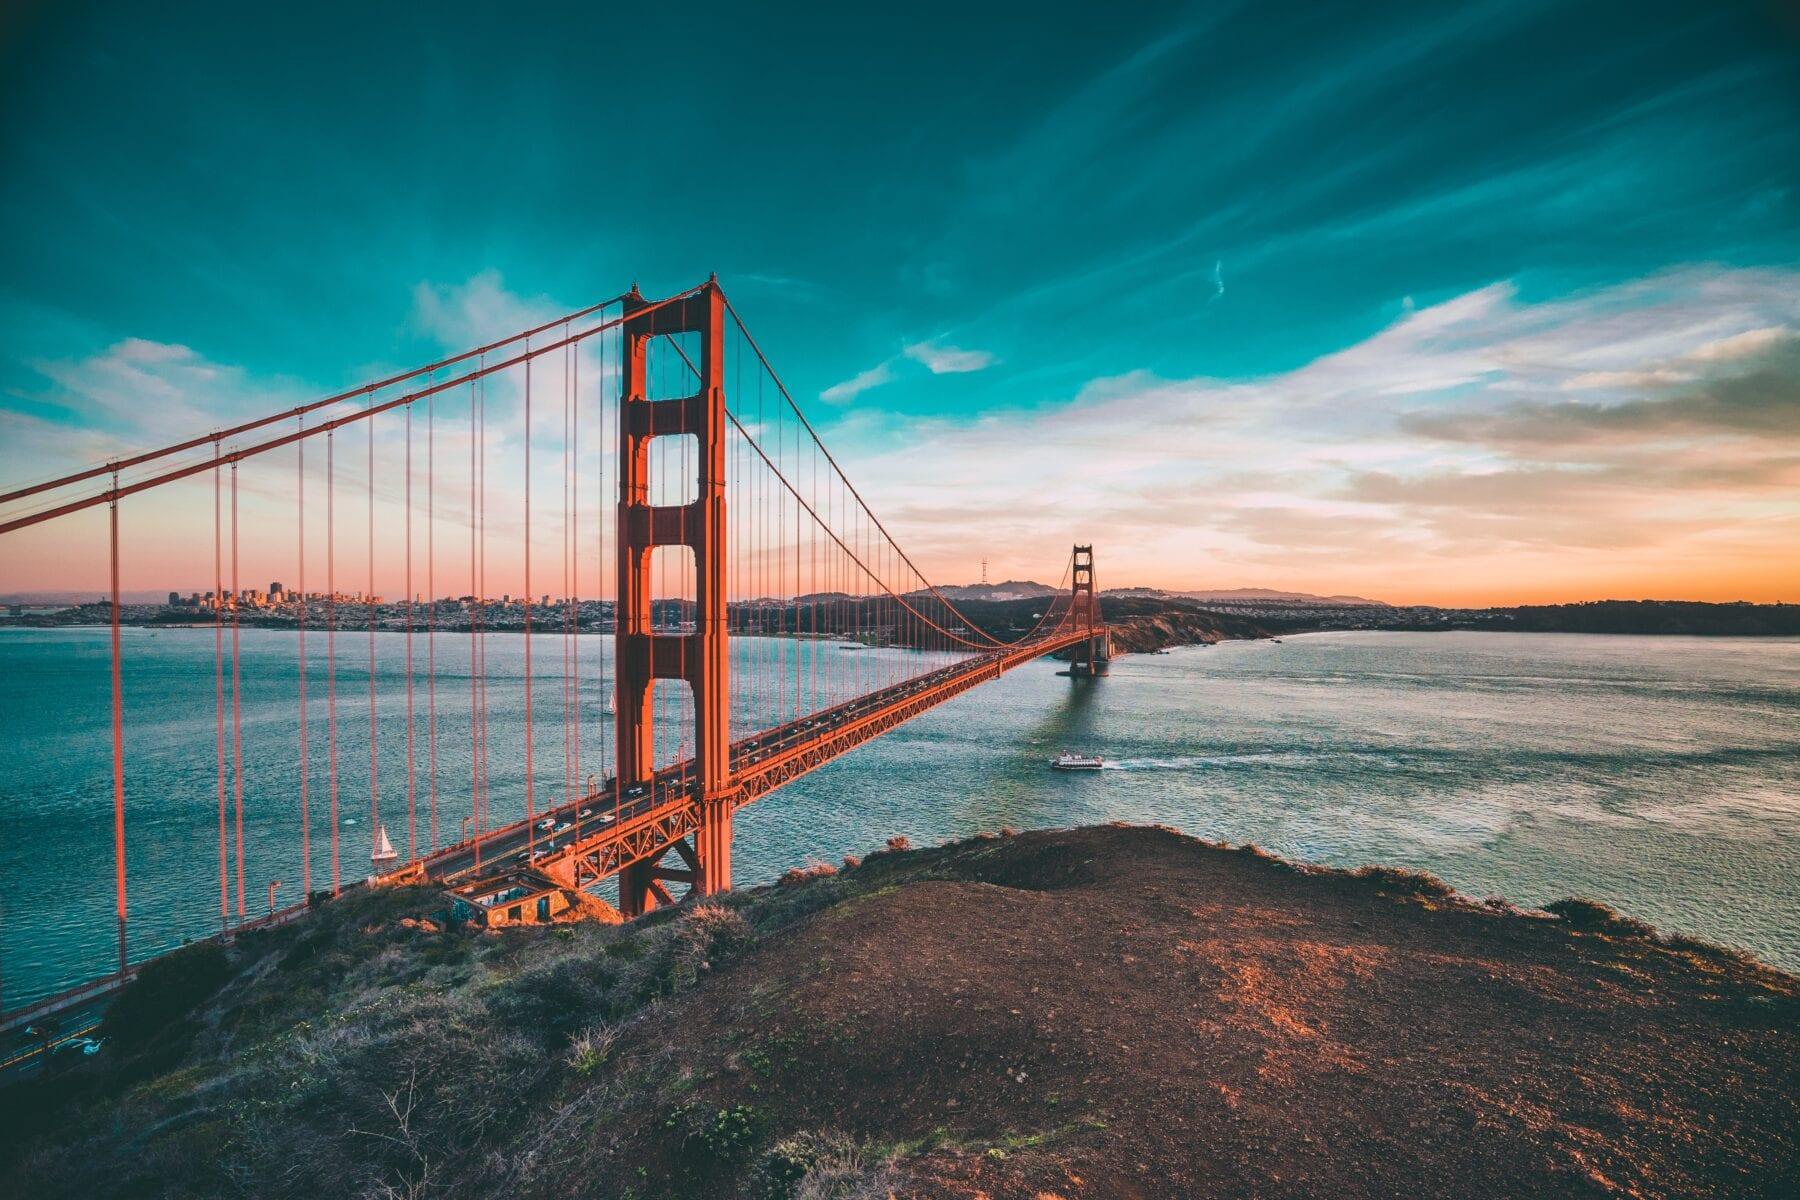 Golden Gate schone lucht Corona